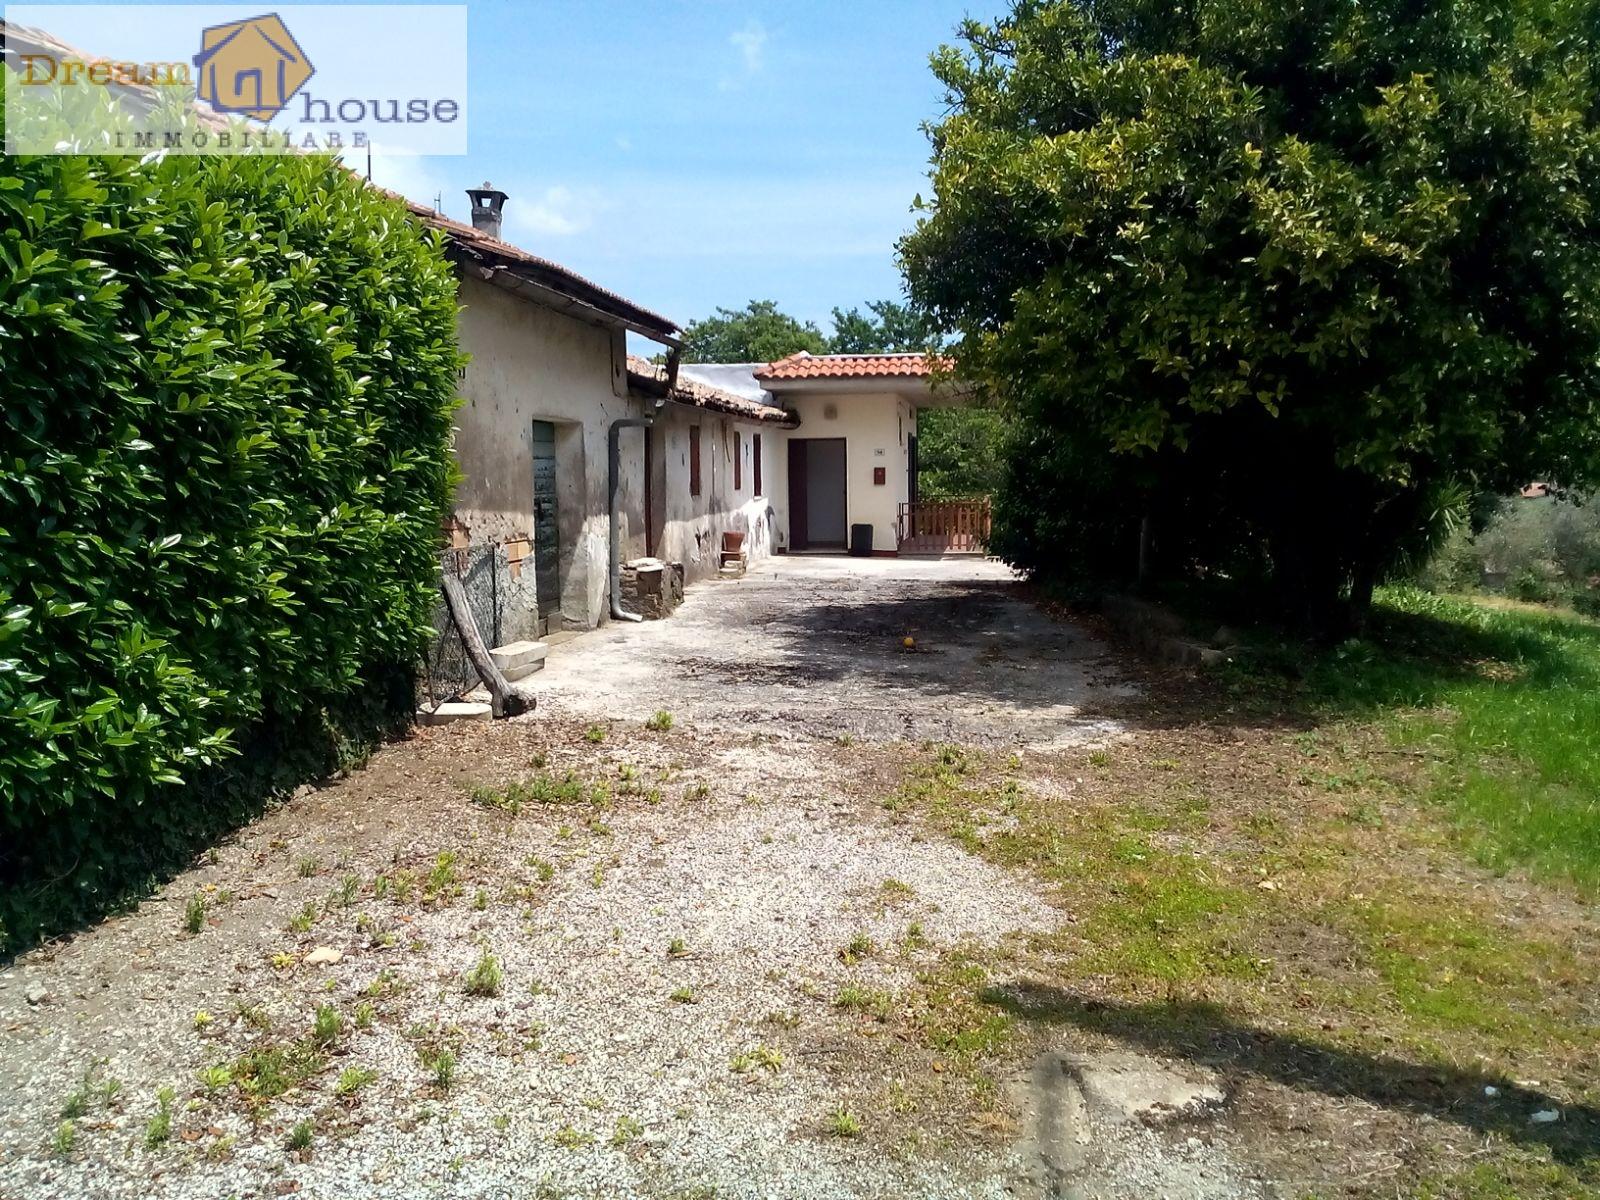 Soluzione Indipendente in vendita a Velletri, 3 locali, prezzo € 130.000   Cambio Casa.it